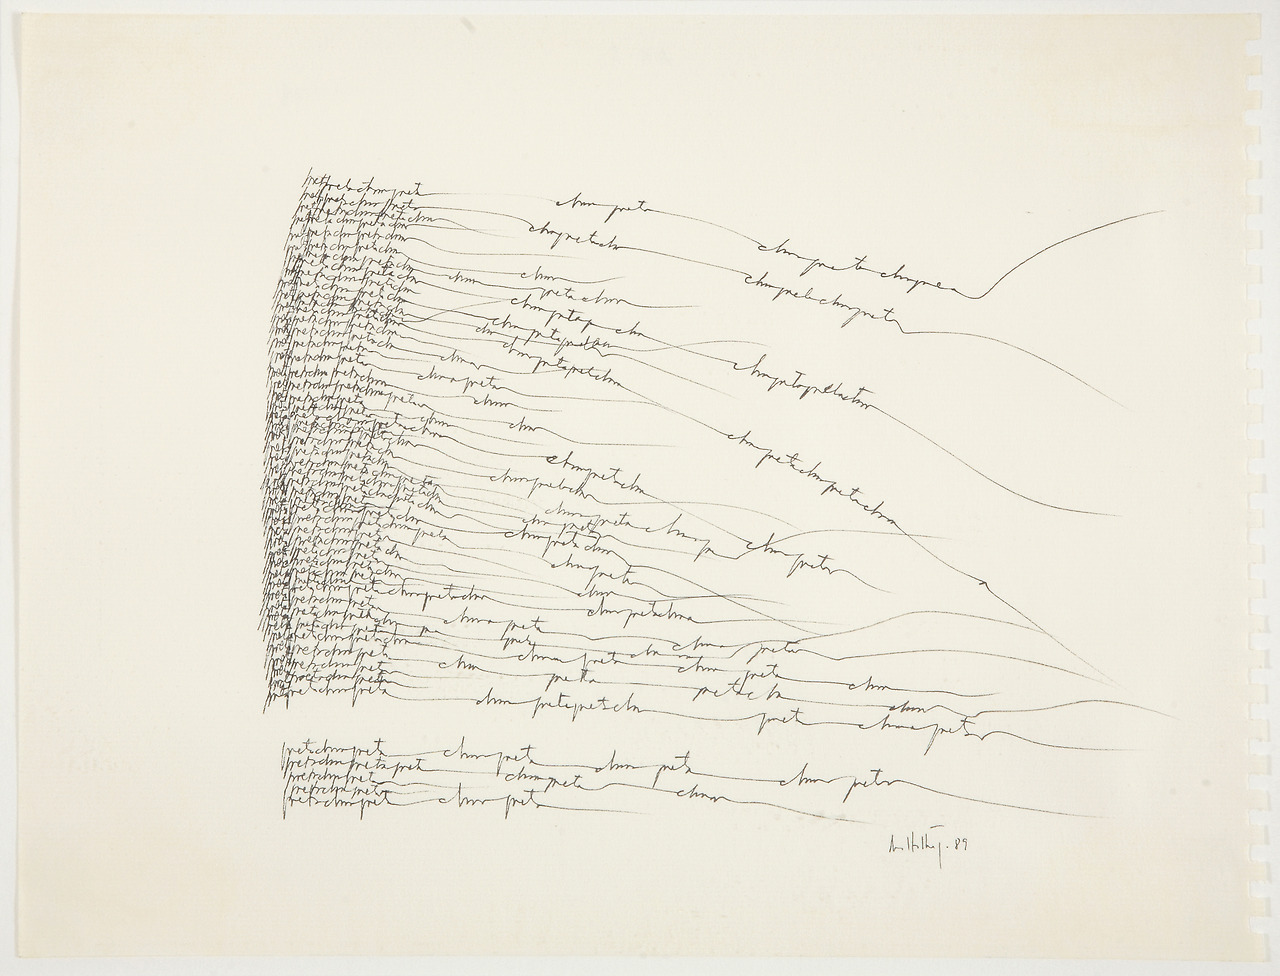 Poeta chama poeta I, 1989